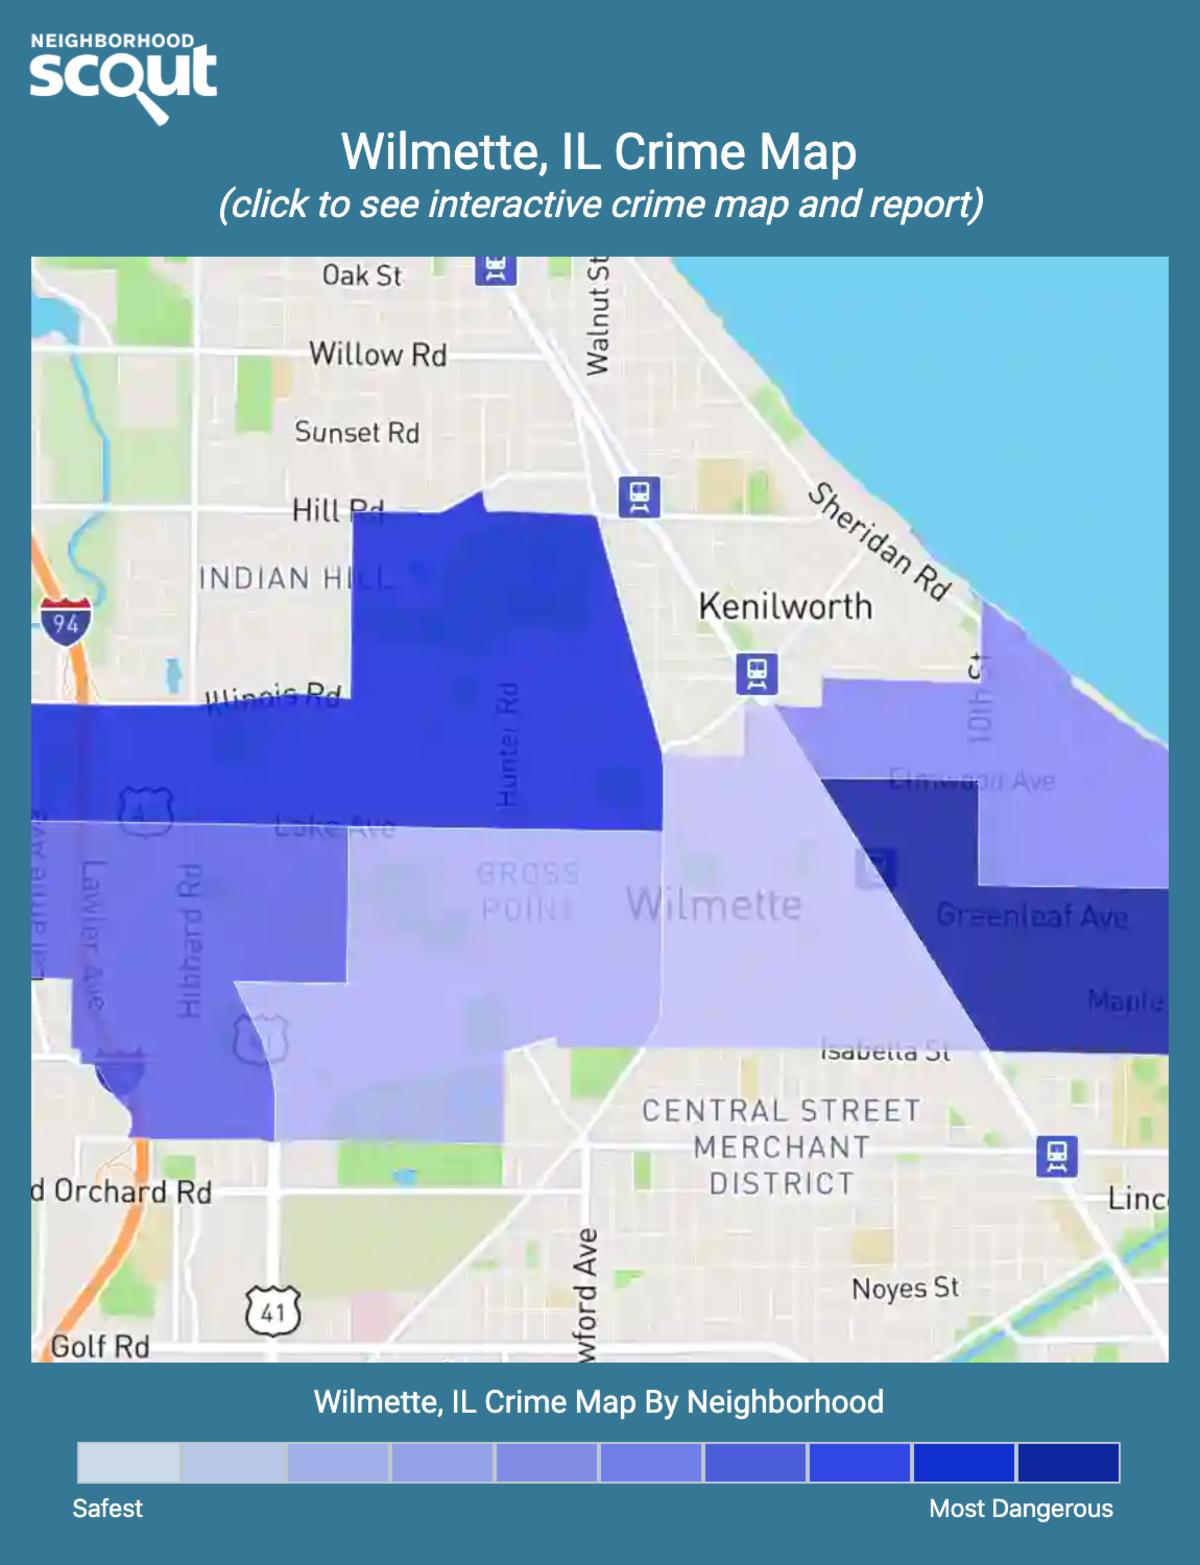 Wilmette, Illinois crime map